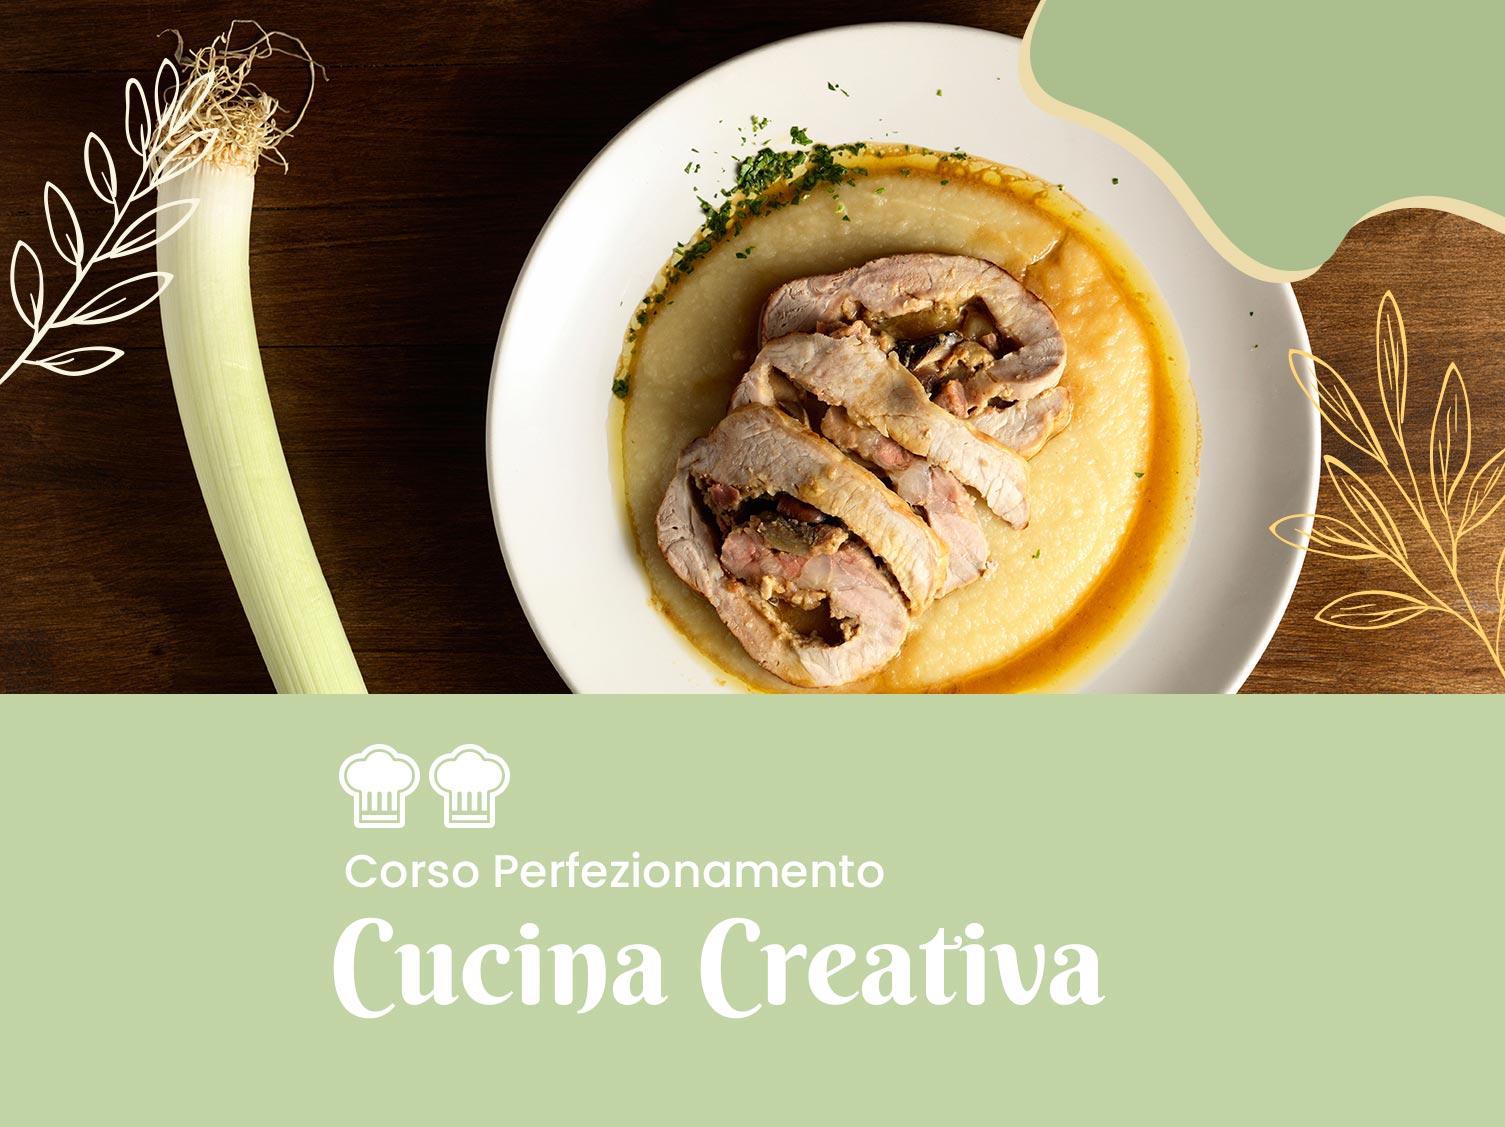 cucina creativa perfezionamento